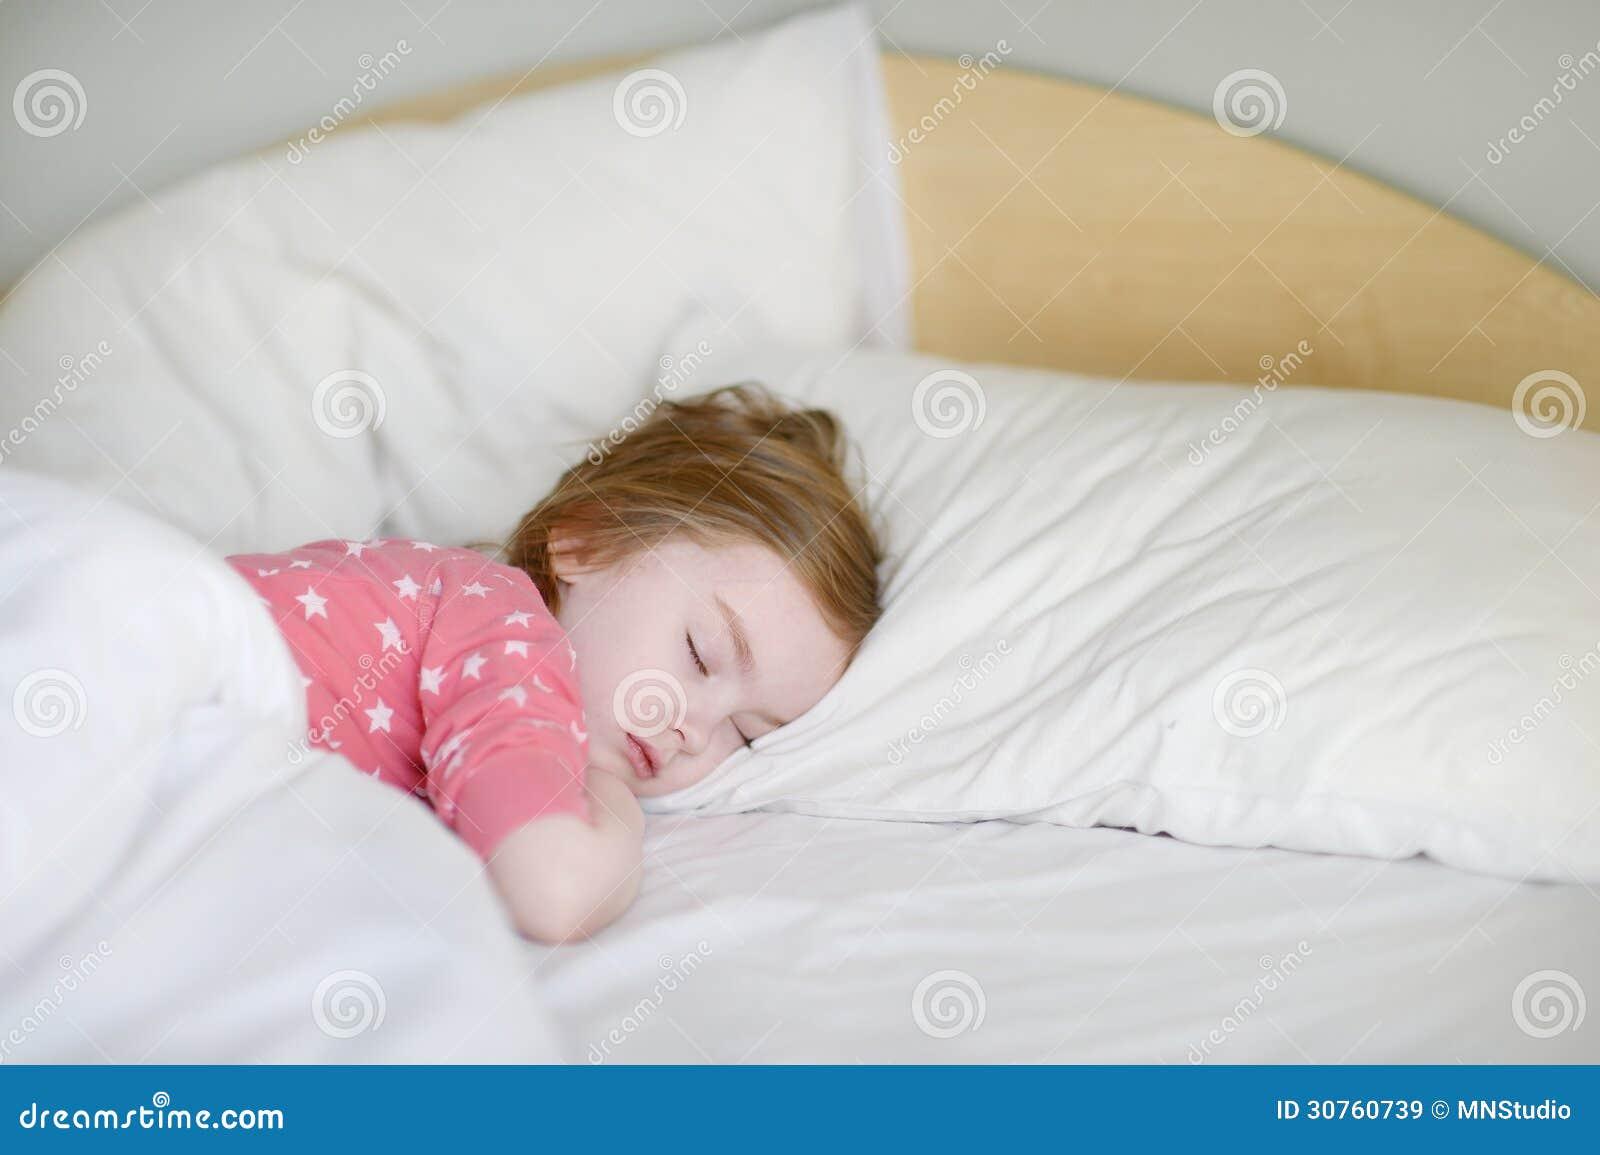 如果梦到跟男友睡在一起了他